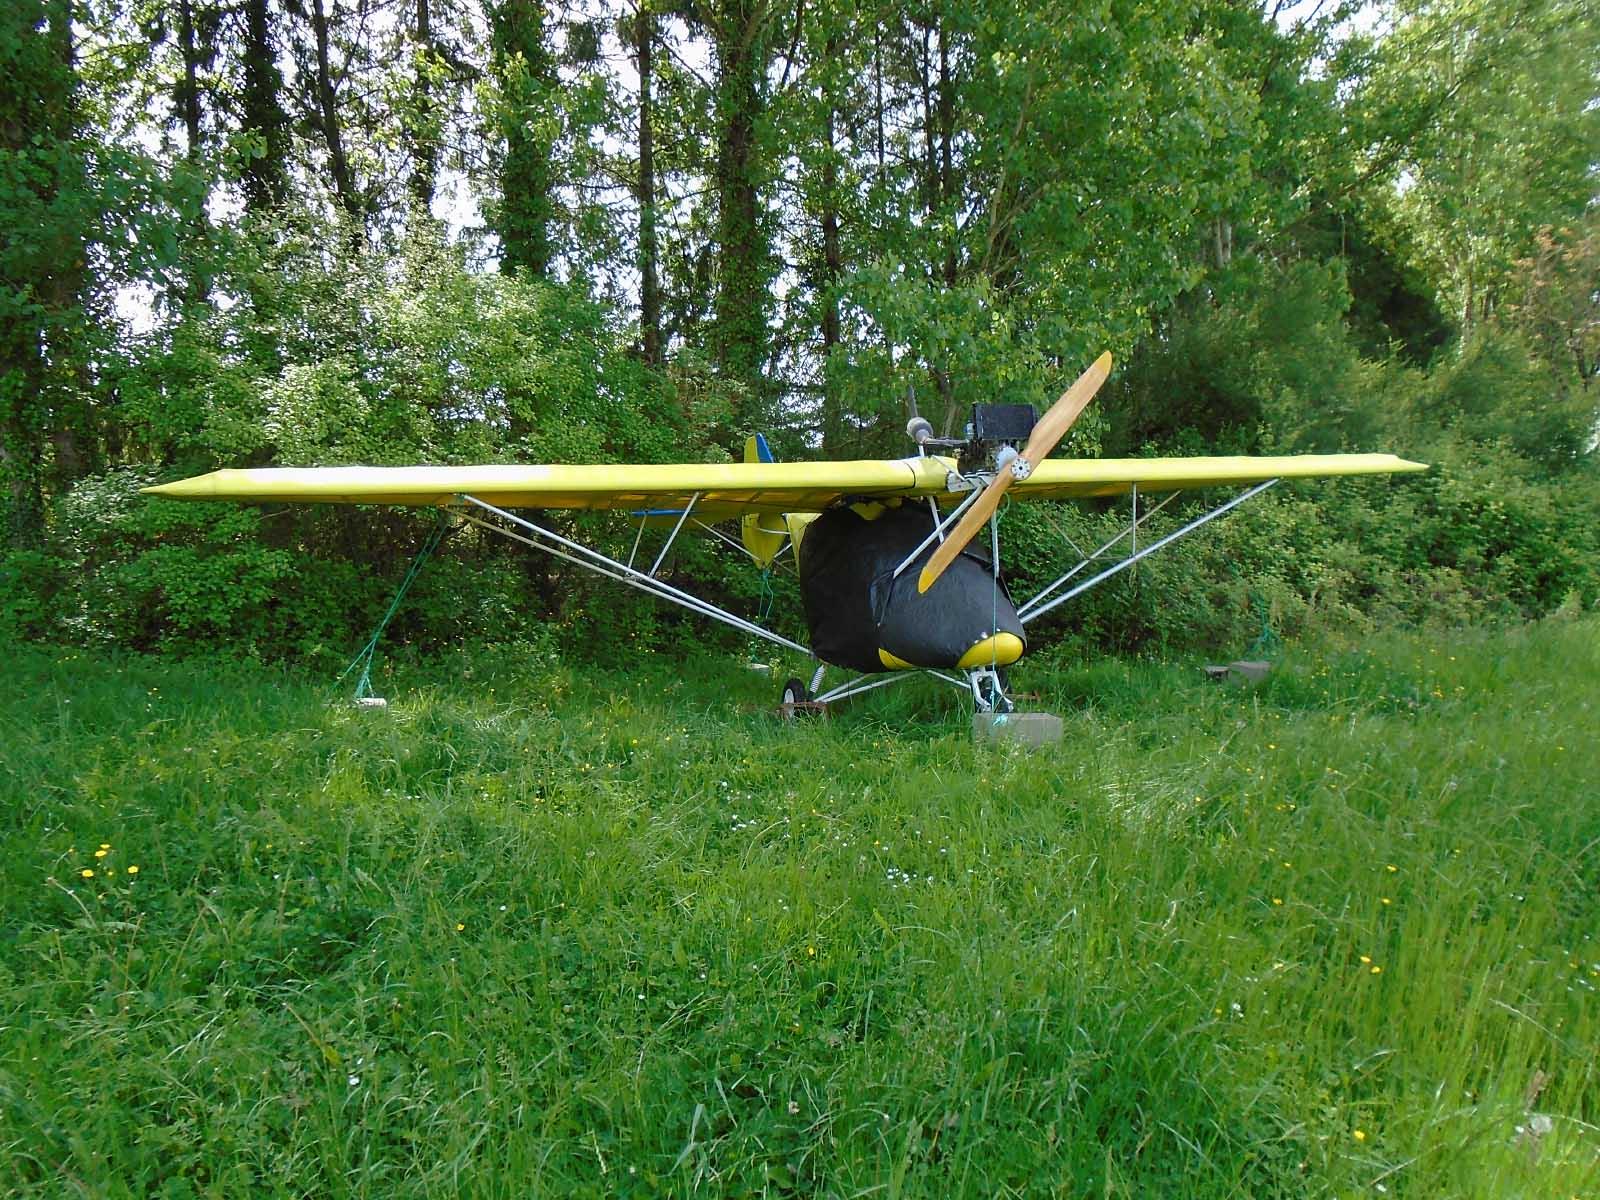 X-Air 56NE, Galinat, Dordogne 2015